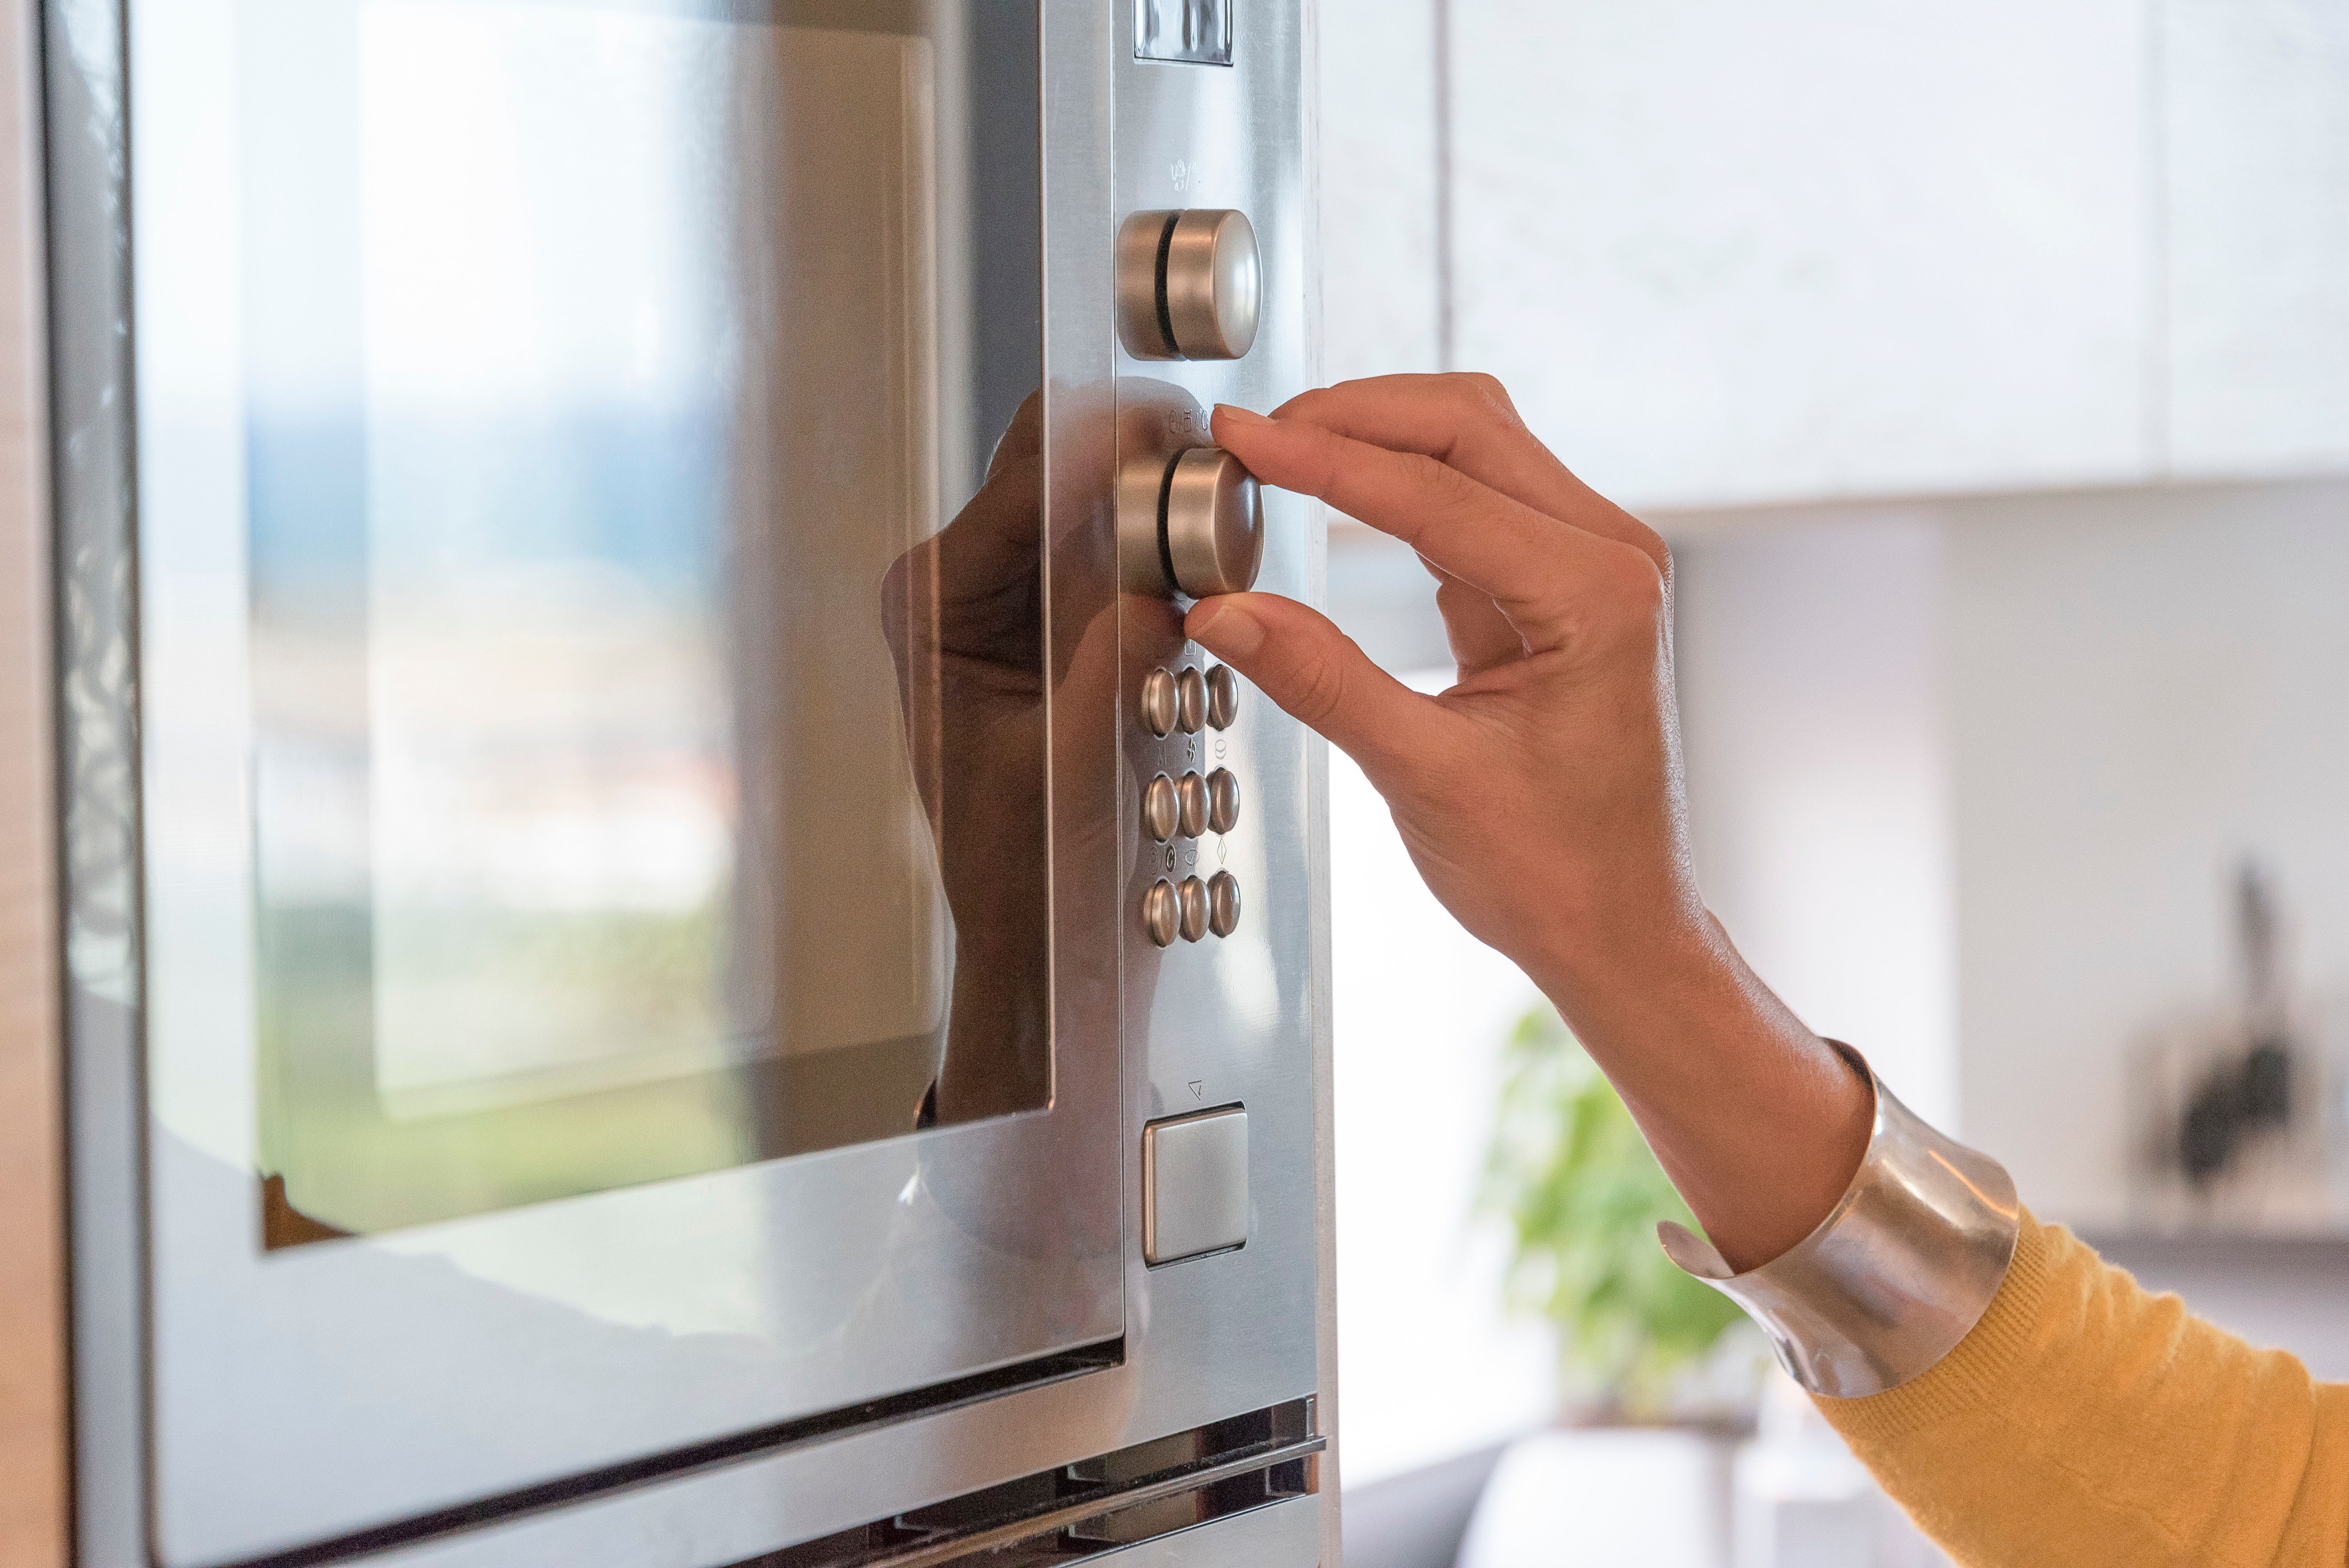 Λειτουργείτε το φούρνο μικροκυμάτων ενώ είναι άδειος; Δεν έχουμε καλά νέα για